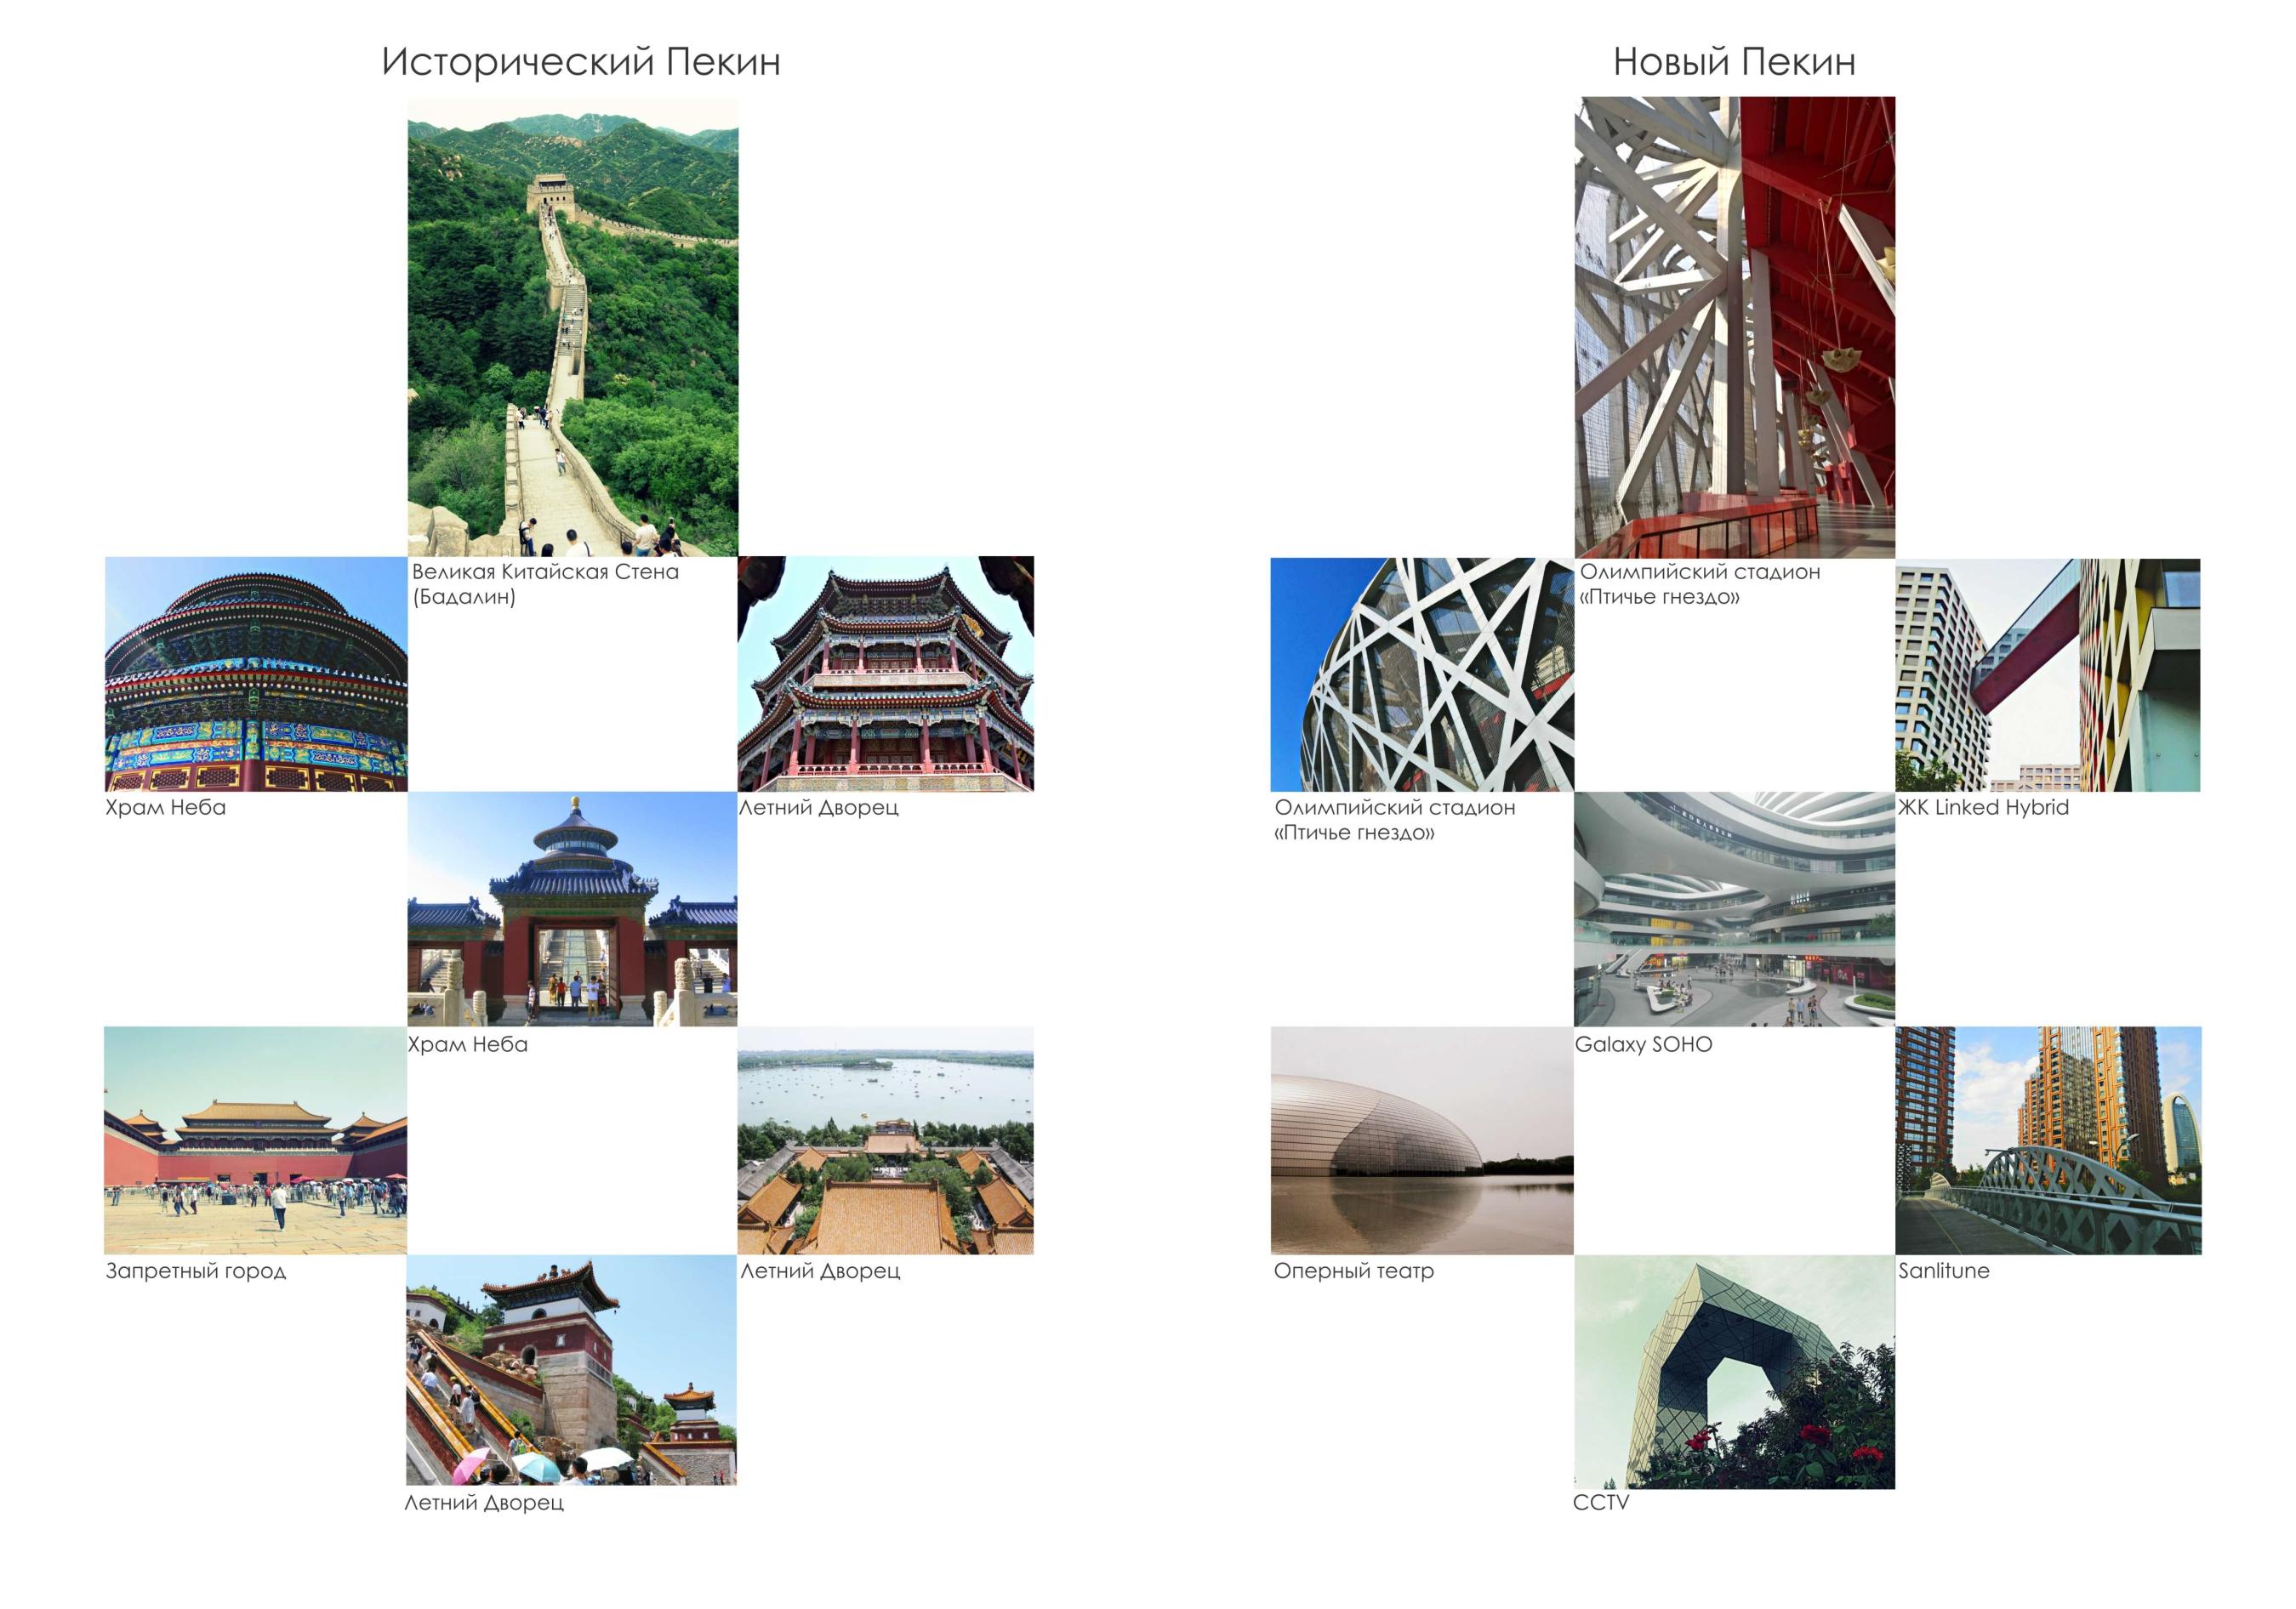 Исторический и новый Пекин. Фото автора